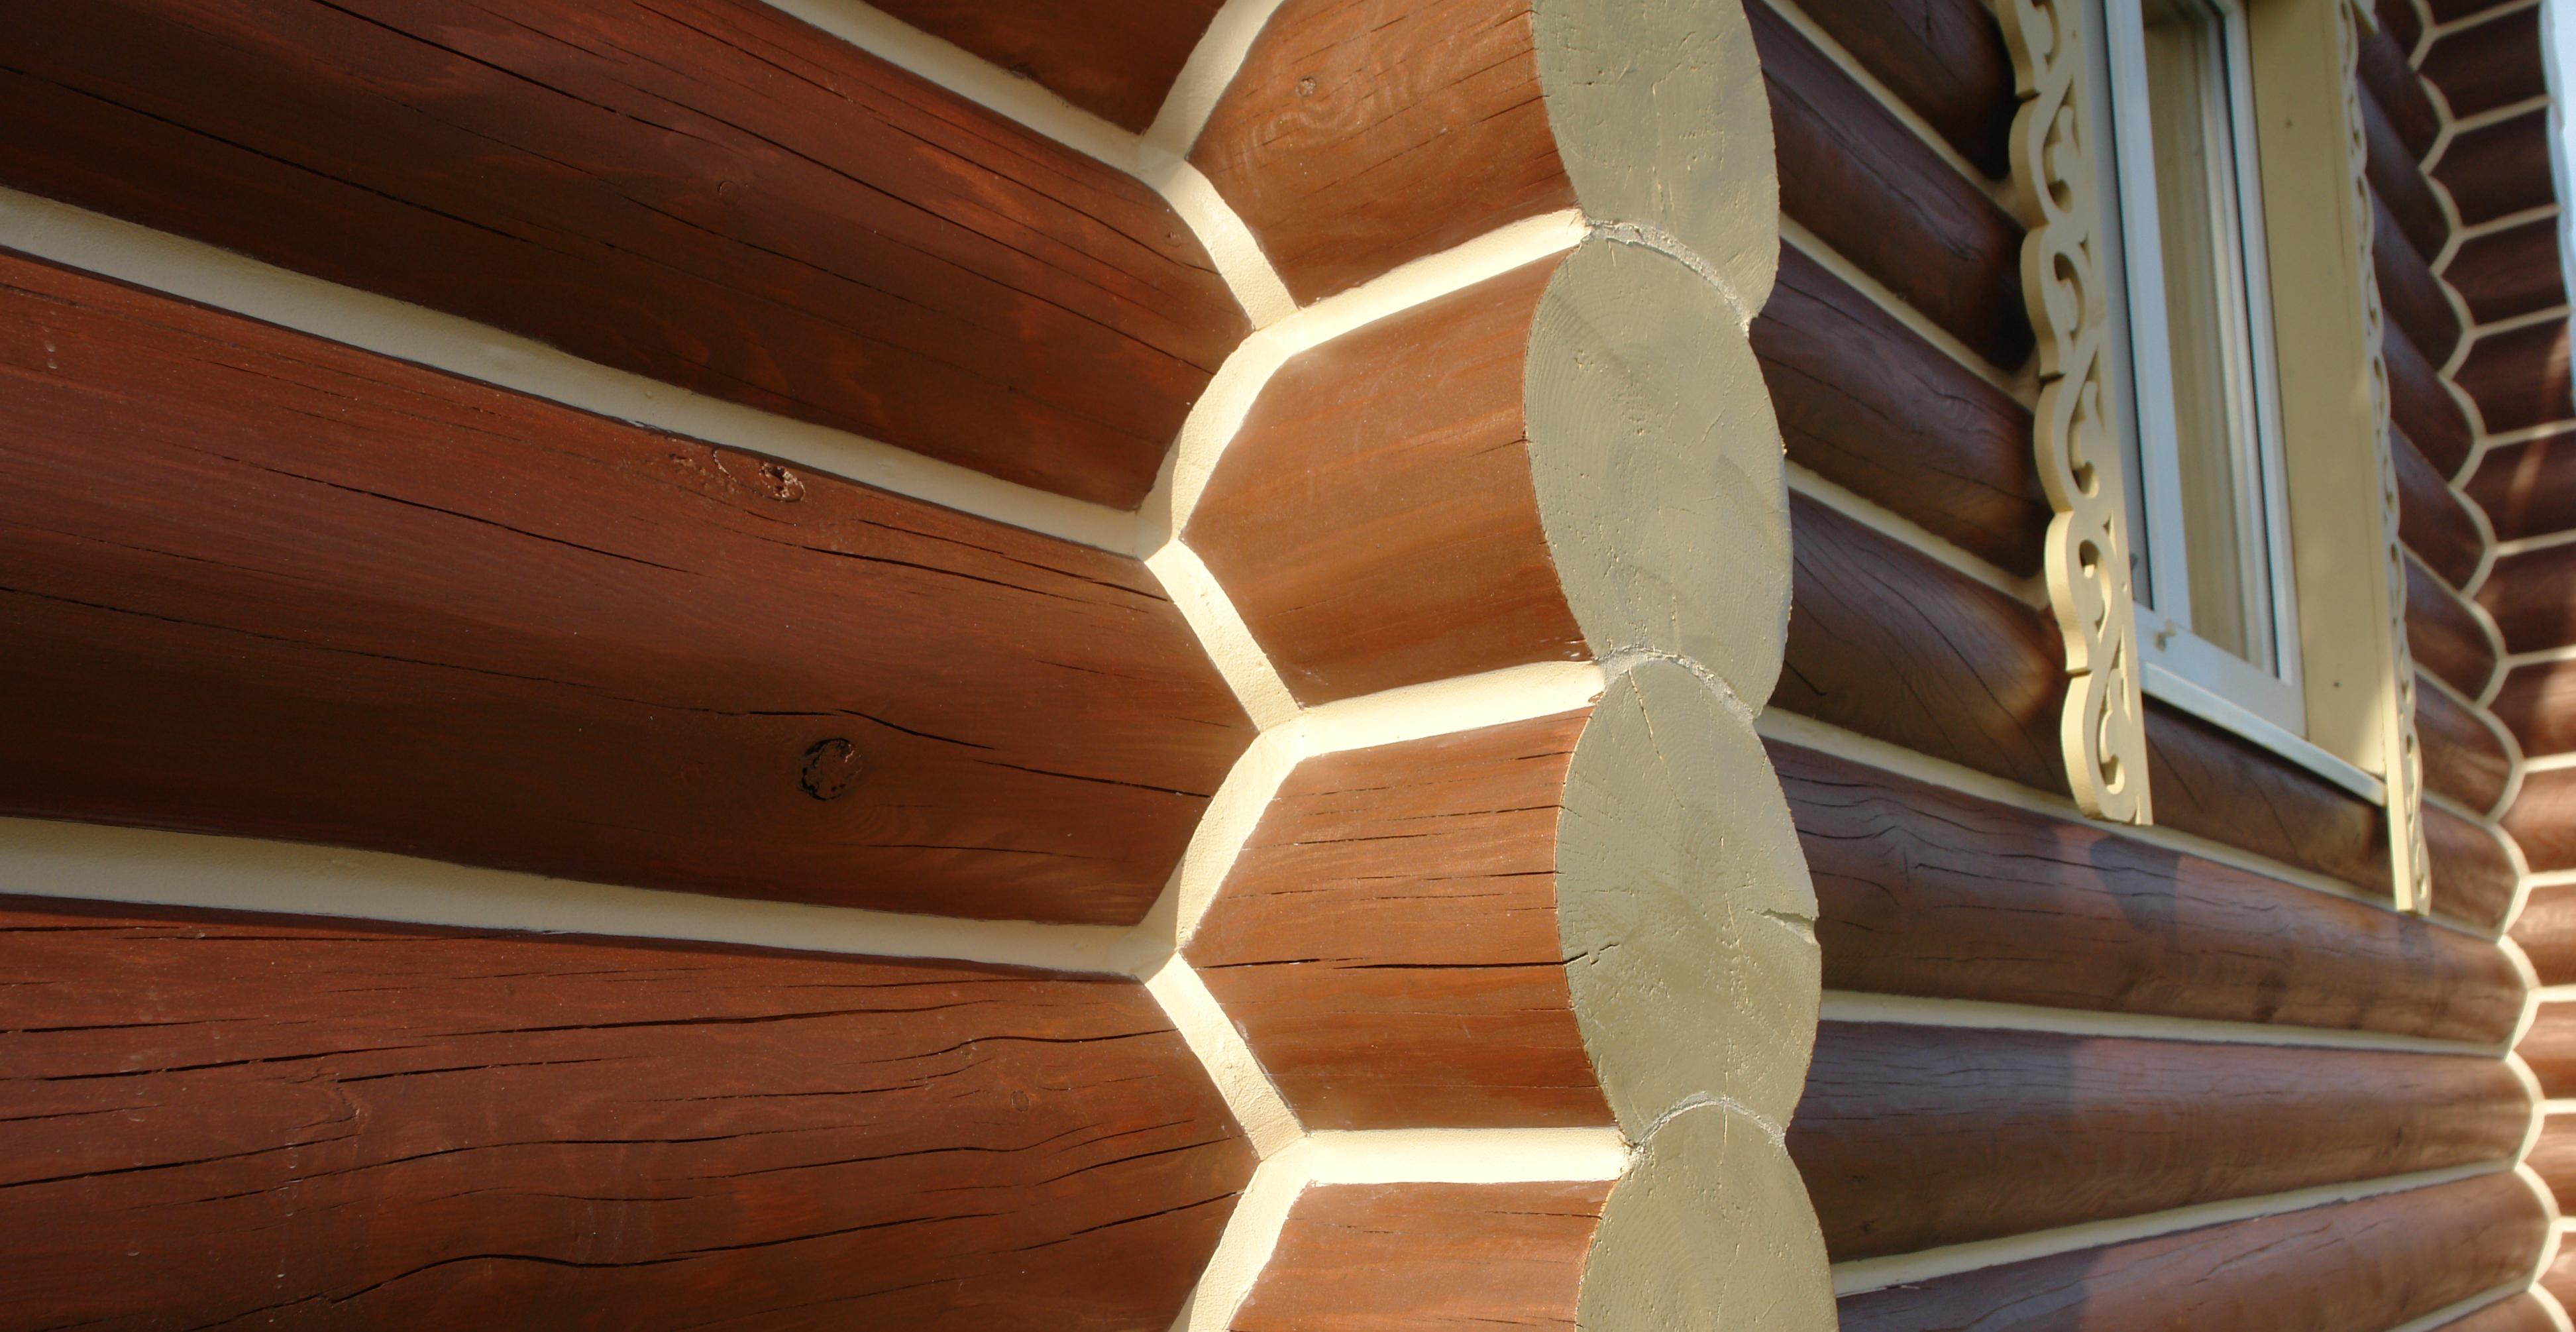 теплый шов для деревянного дома фото понравилось, что